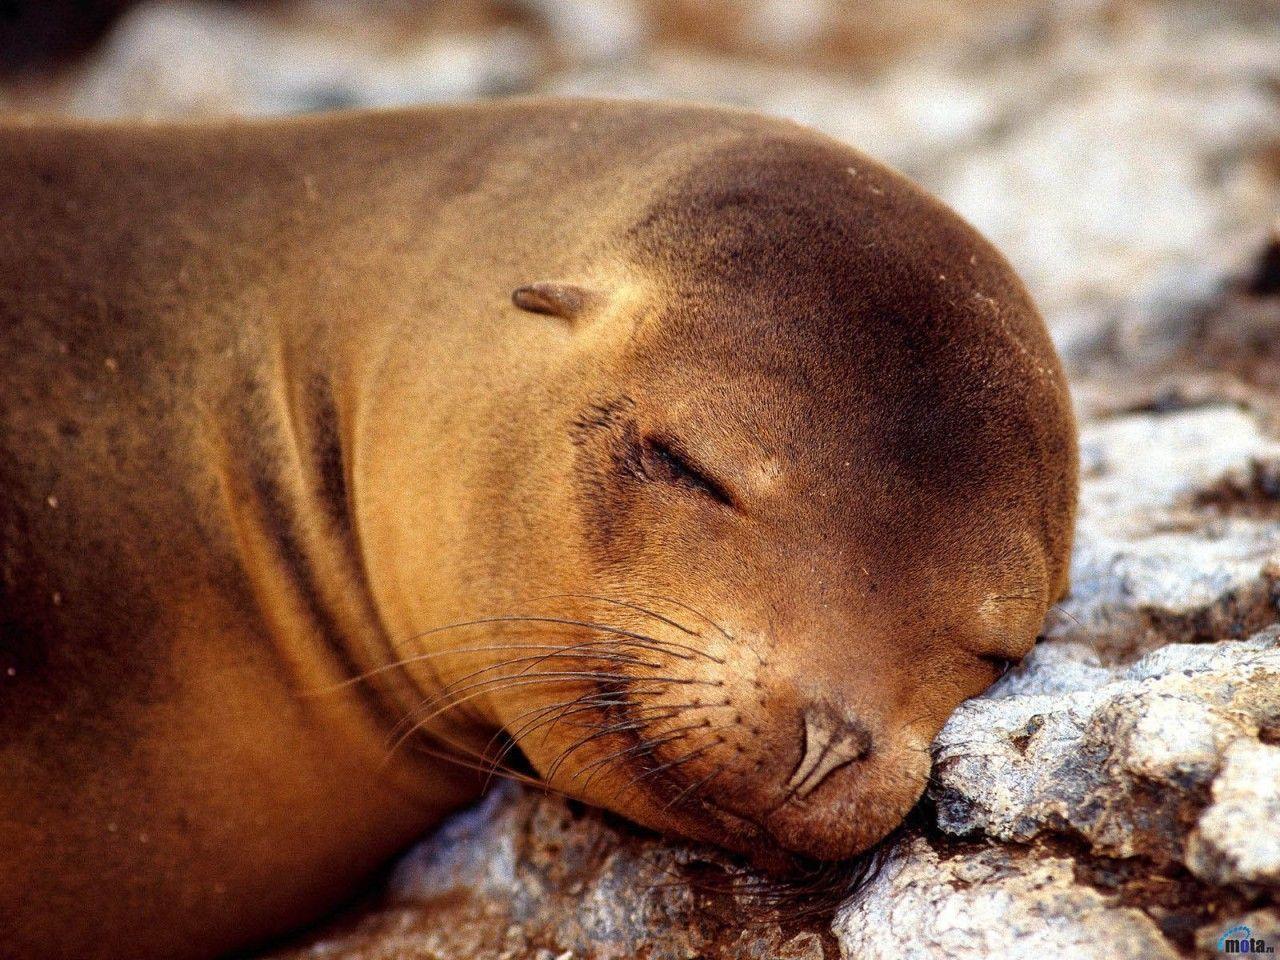 Wallpaper Hd For Desktop Full Screen Cute Baby Cute Seal Wallpaper Animal